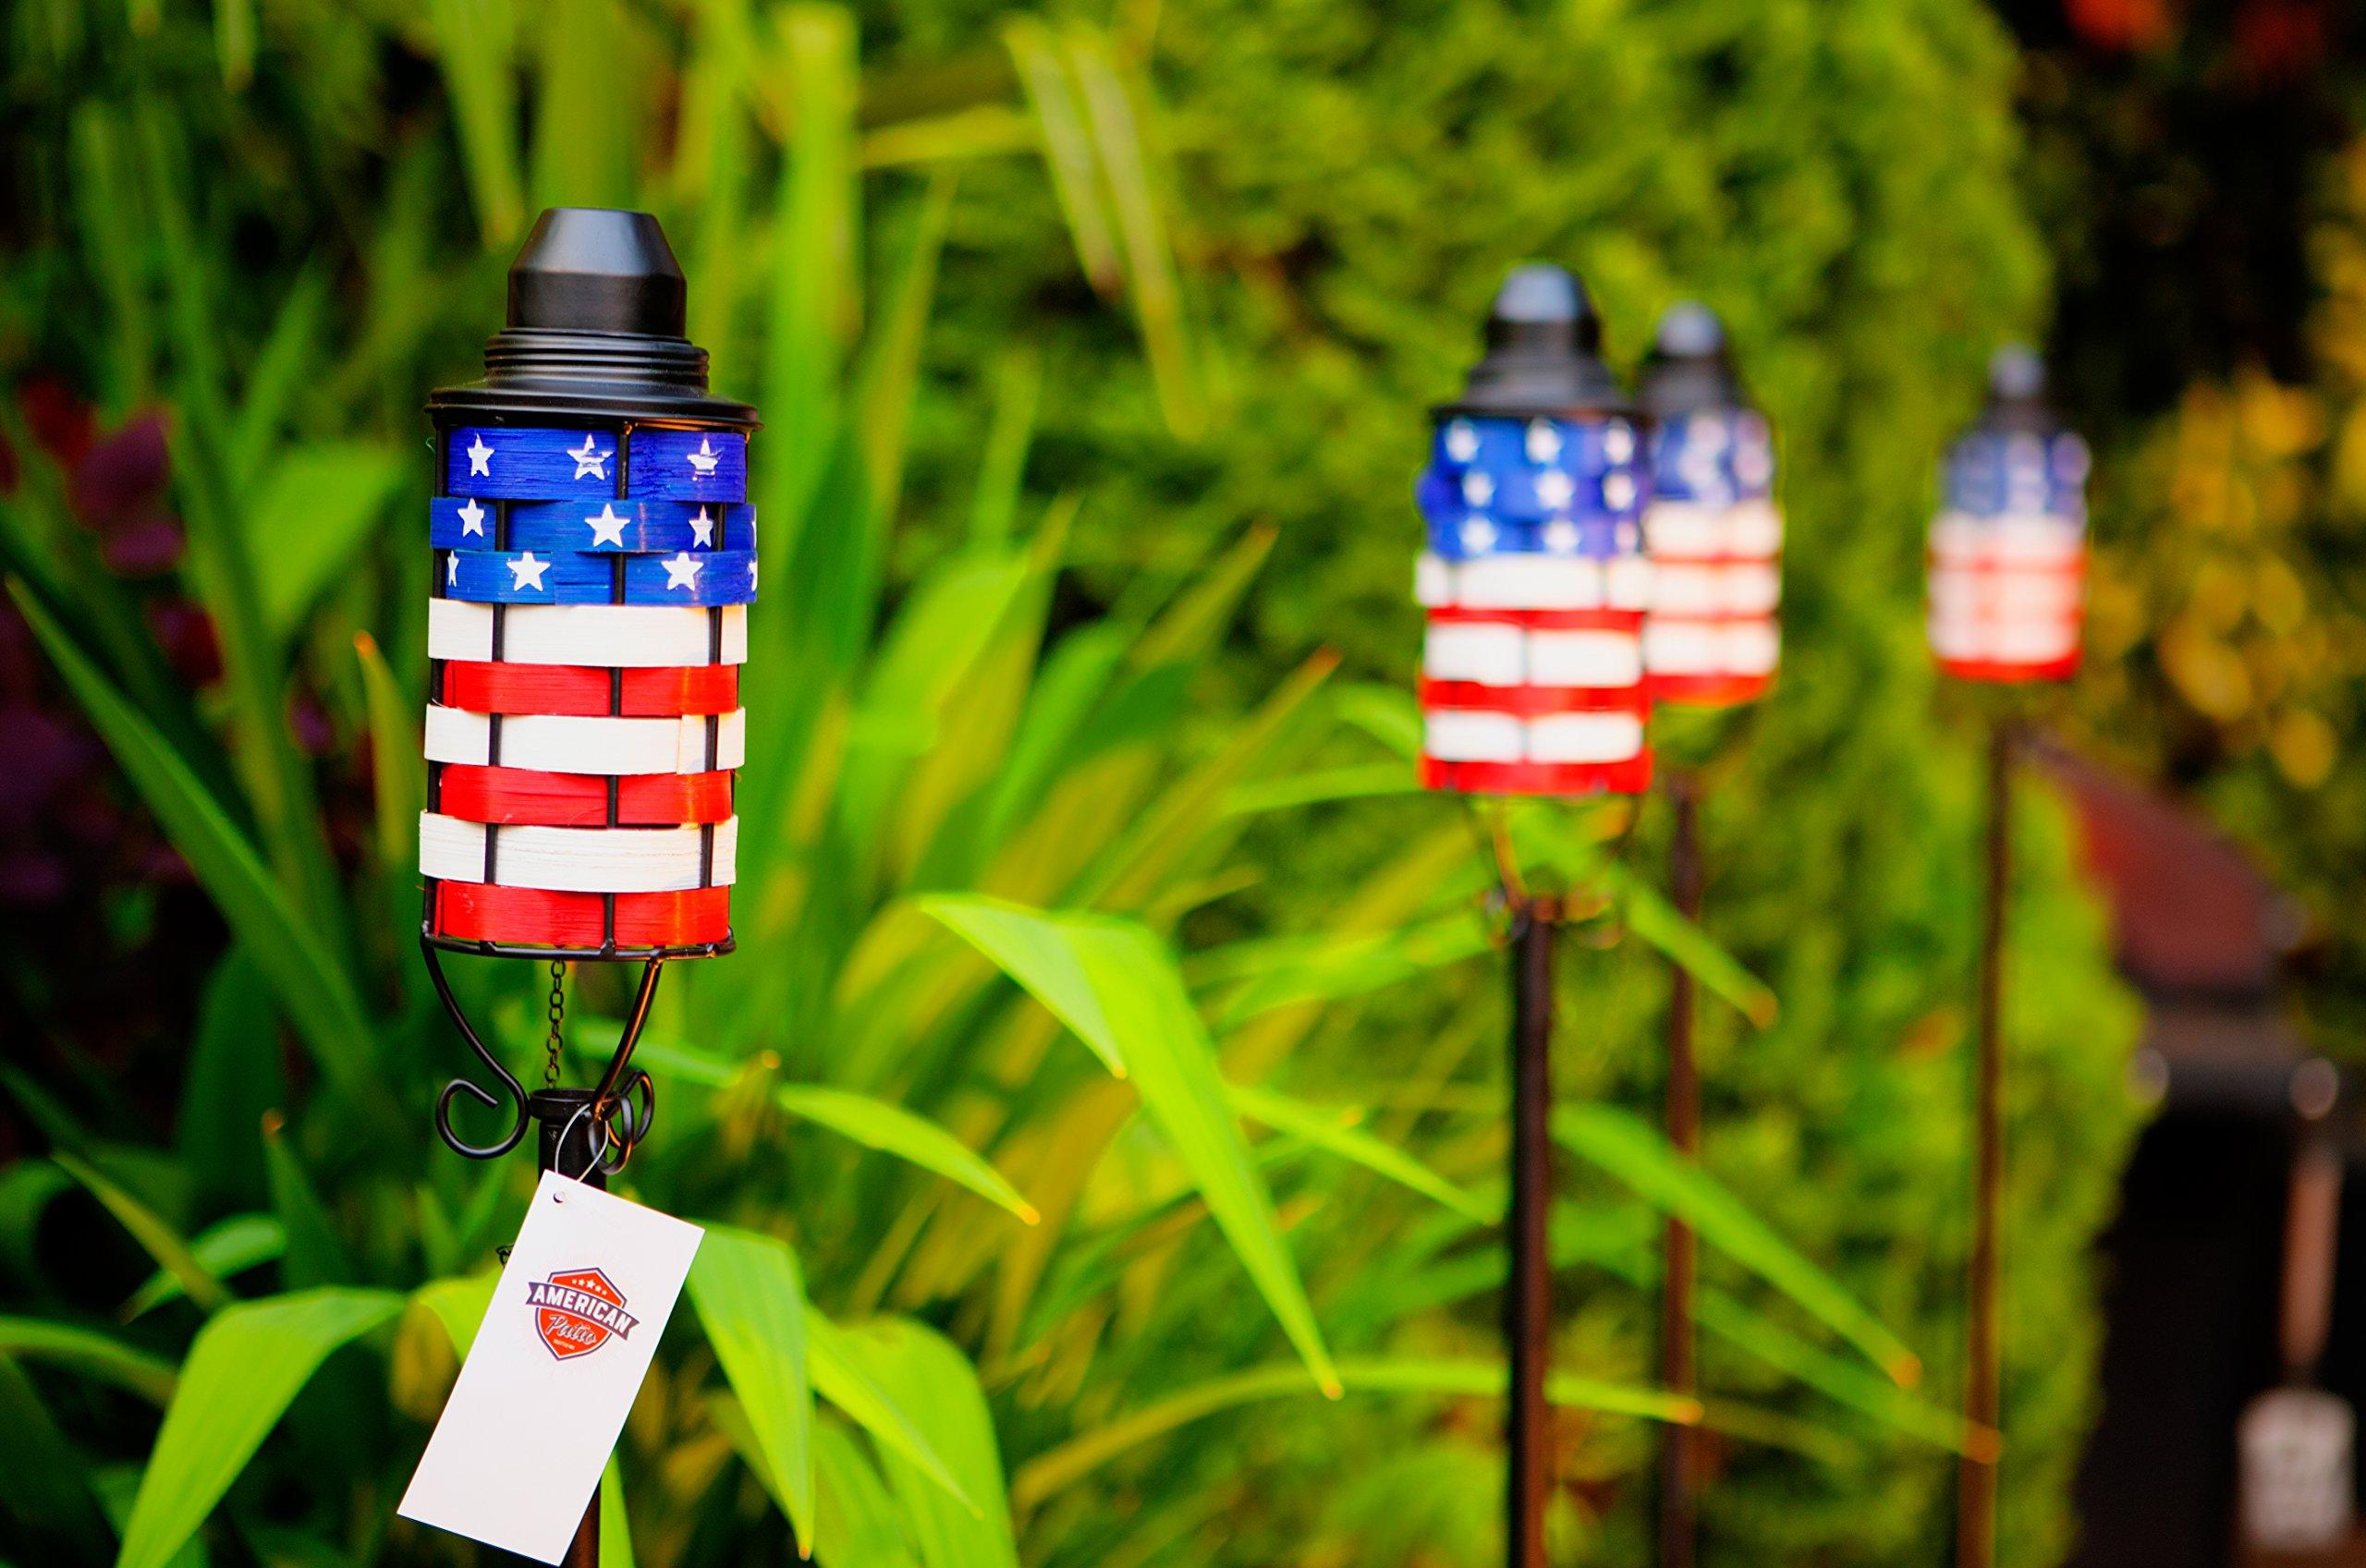 American Patio Patriotic Tiki Torch (4)